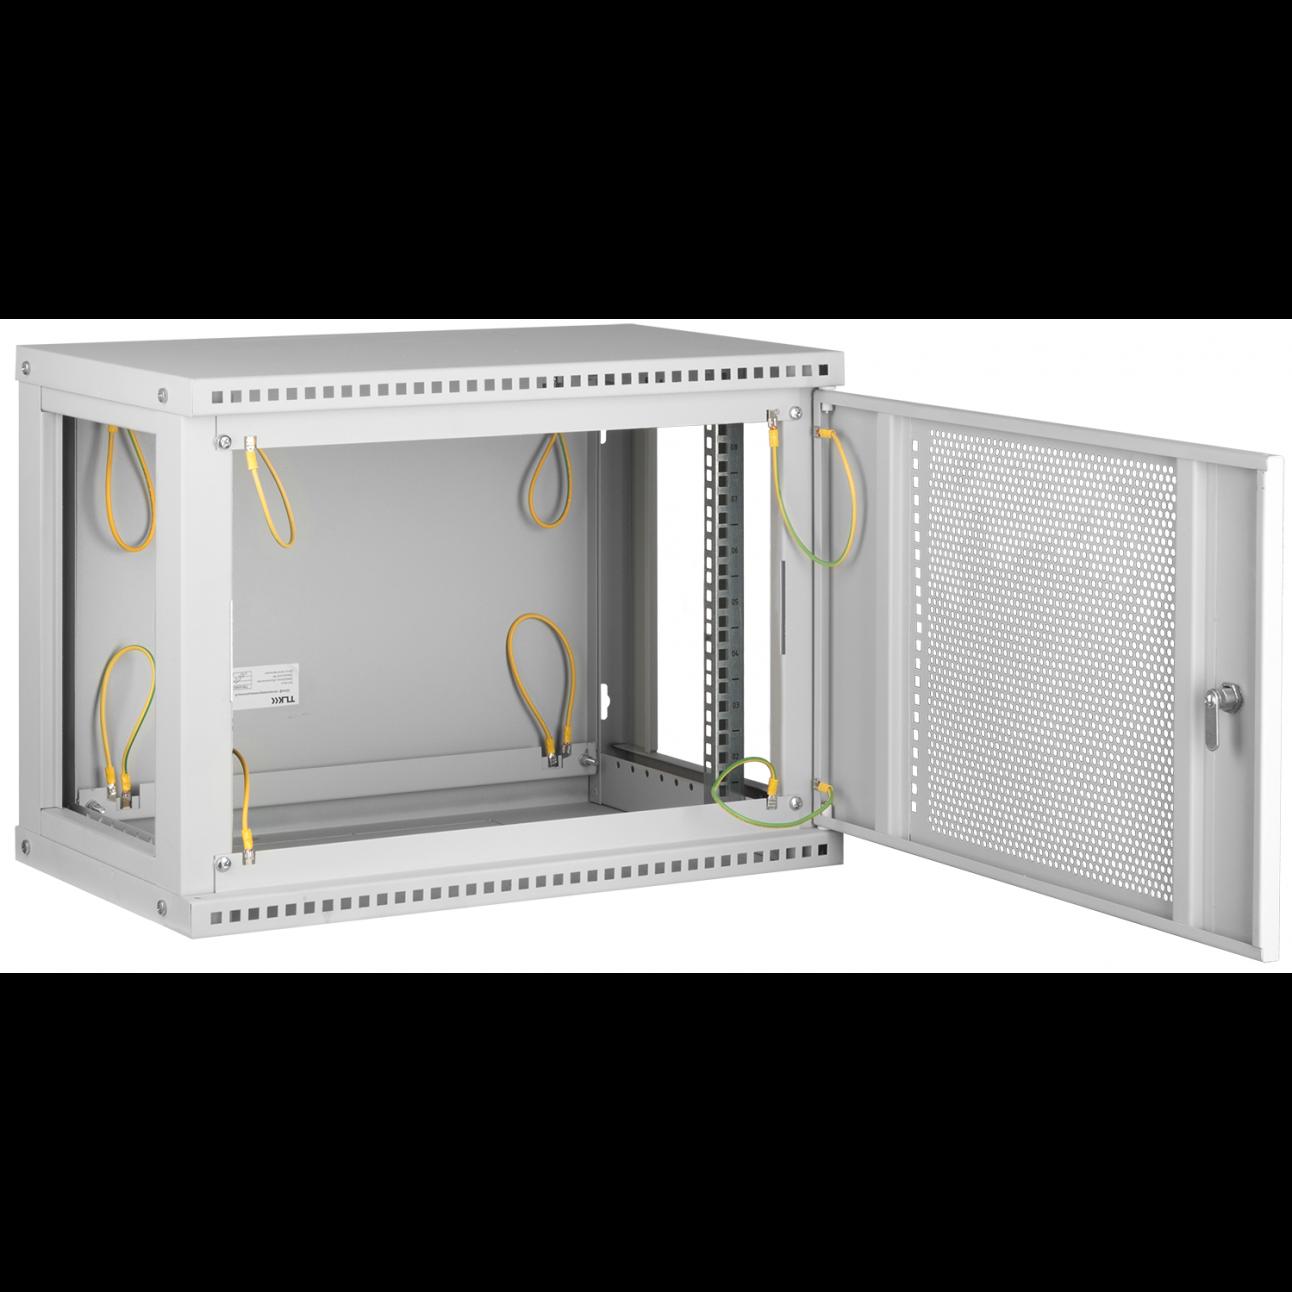 """Настенный разборный шкаф TLK 19"""", 12U, перфорированная дверь, Ш600хВ569хГ600мм, 2 пары монтажных направляющих, серый"""